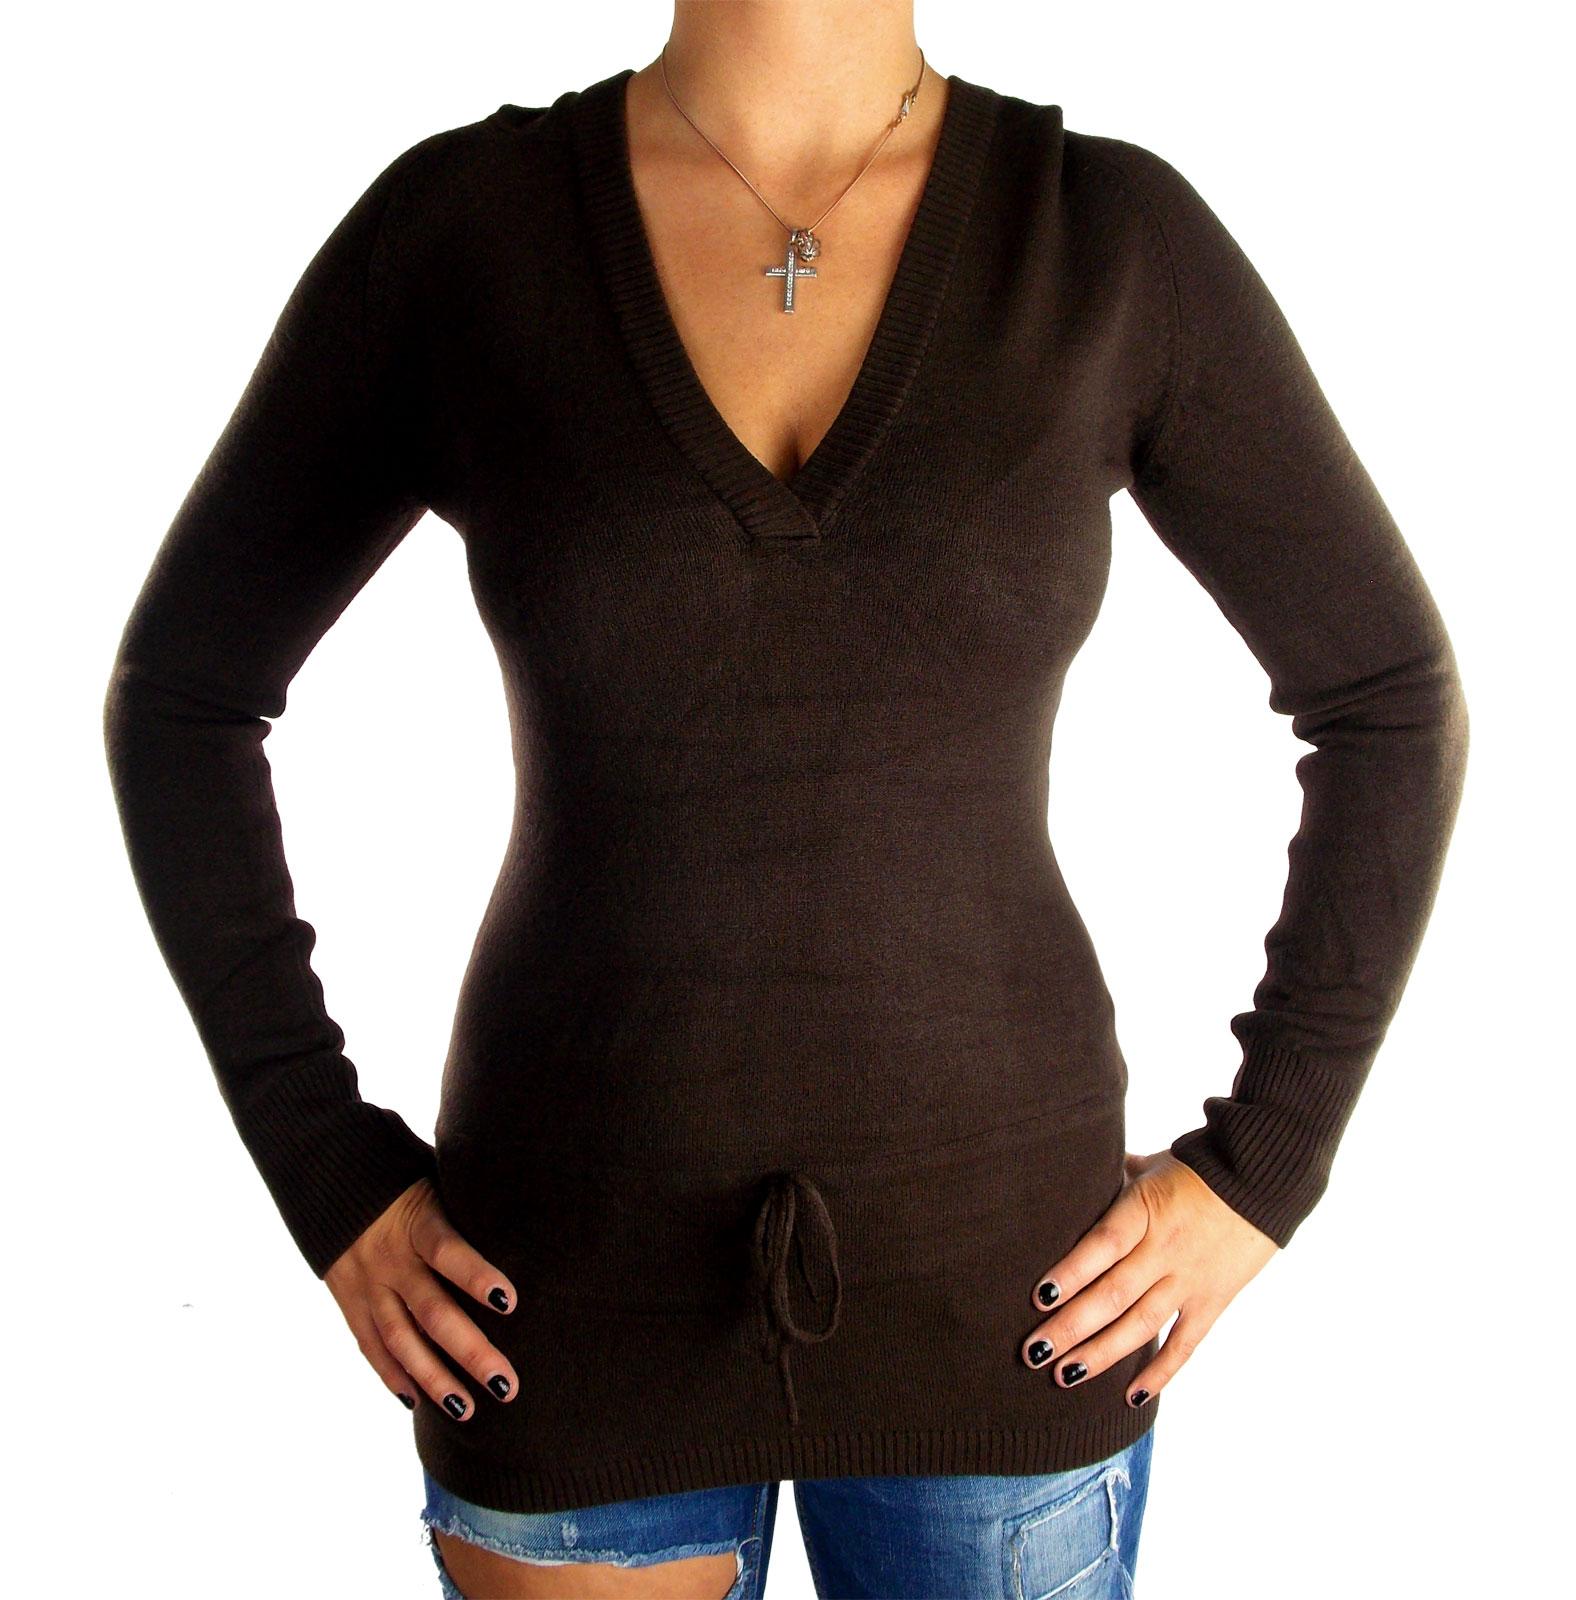 sale retailer 51ba1 ebeec Damen Feinstrick Long Pullis Pullover mit Kapuze Hüftlang eng Stretch  figurbetont V-Ausschnitt in verschiedenen Farben